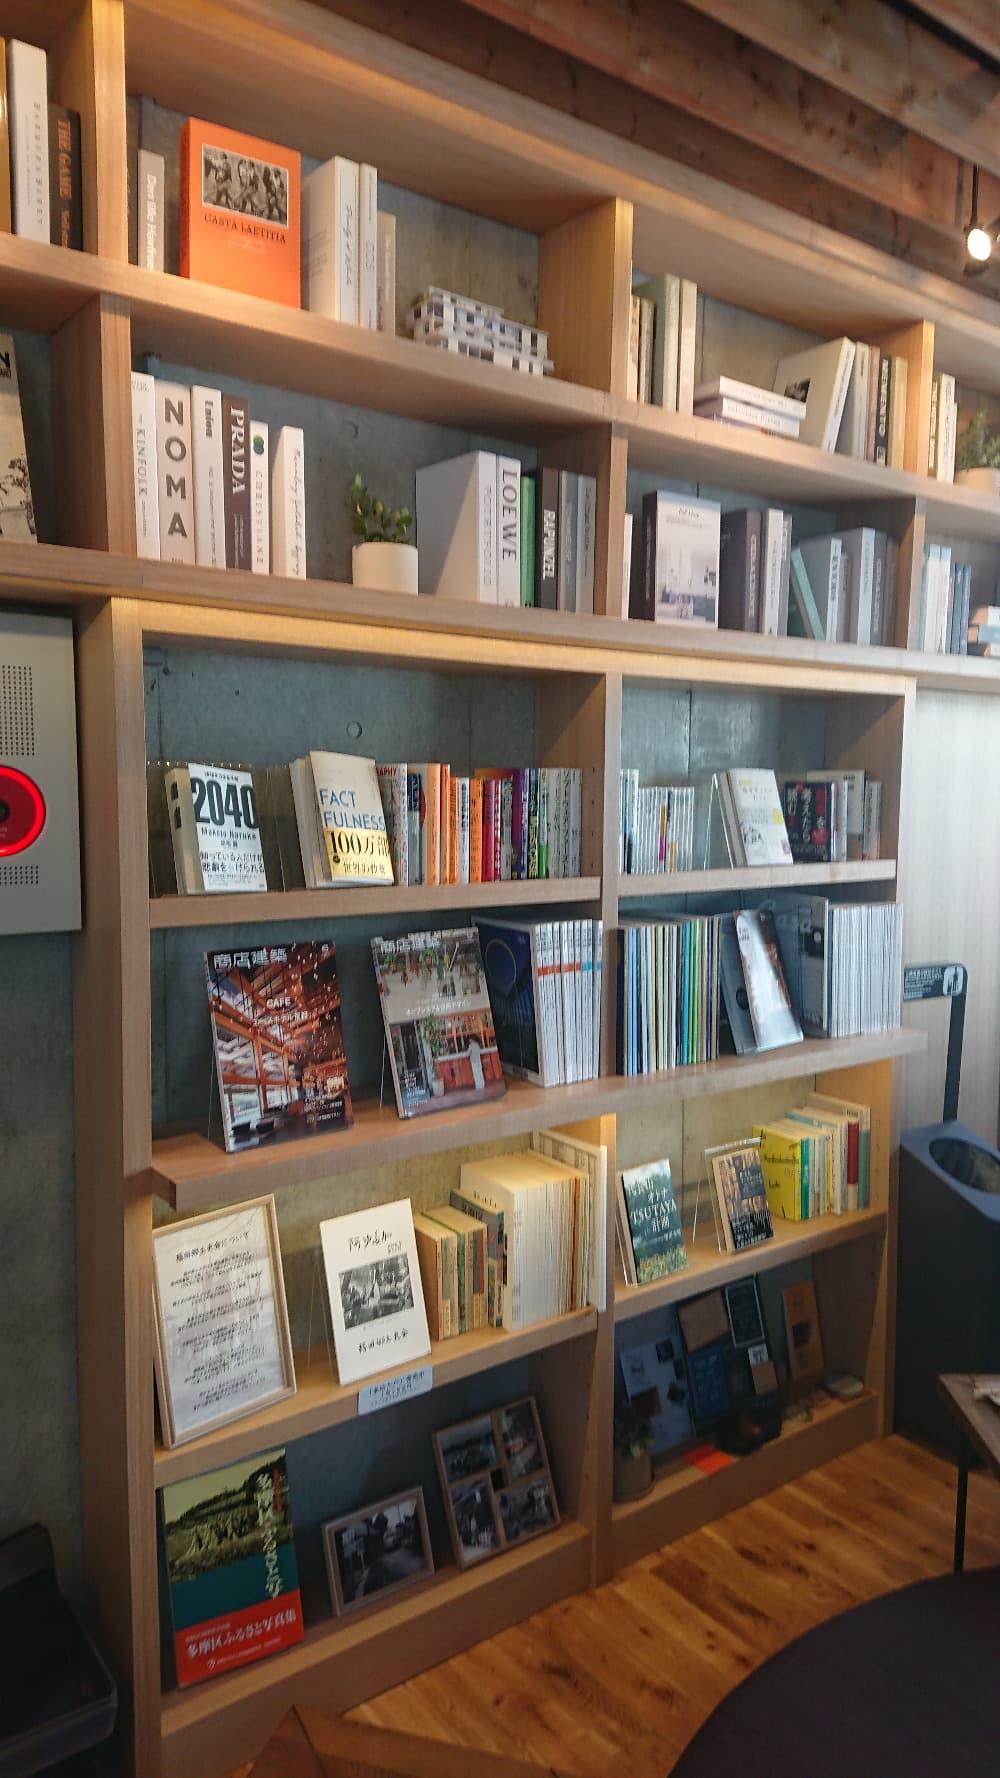 いろんなビジネス書籍や多摩区についての歴史の本もありますね!